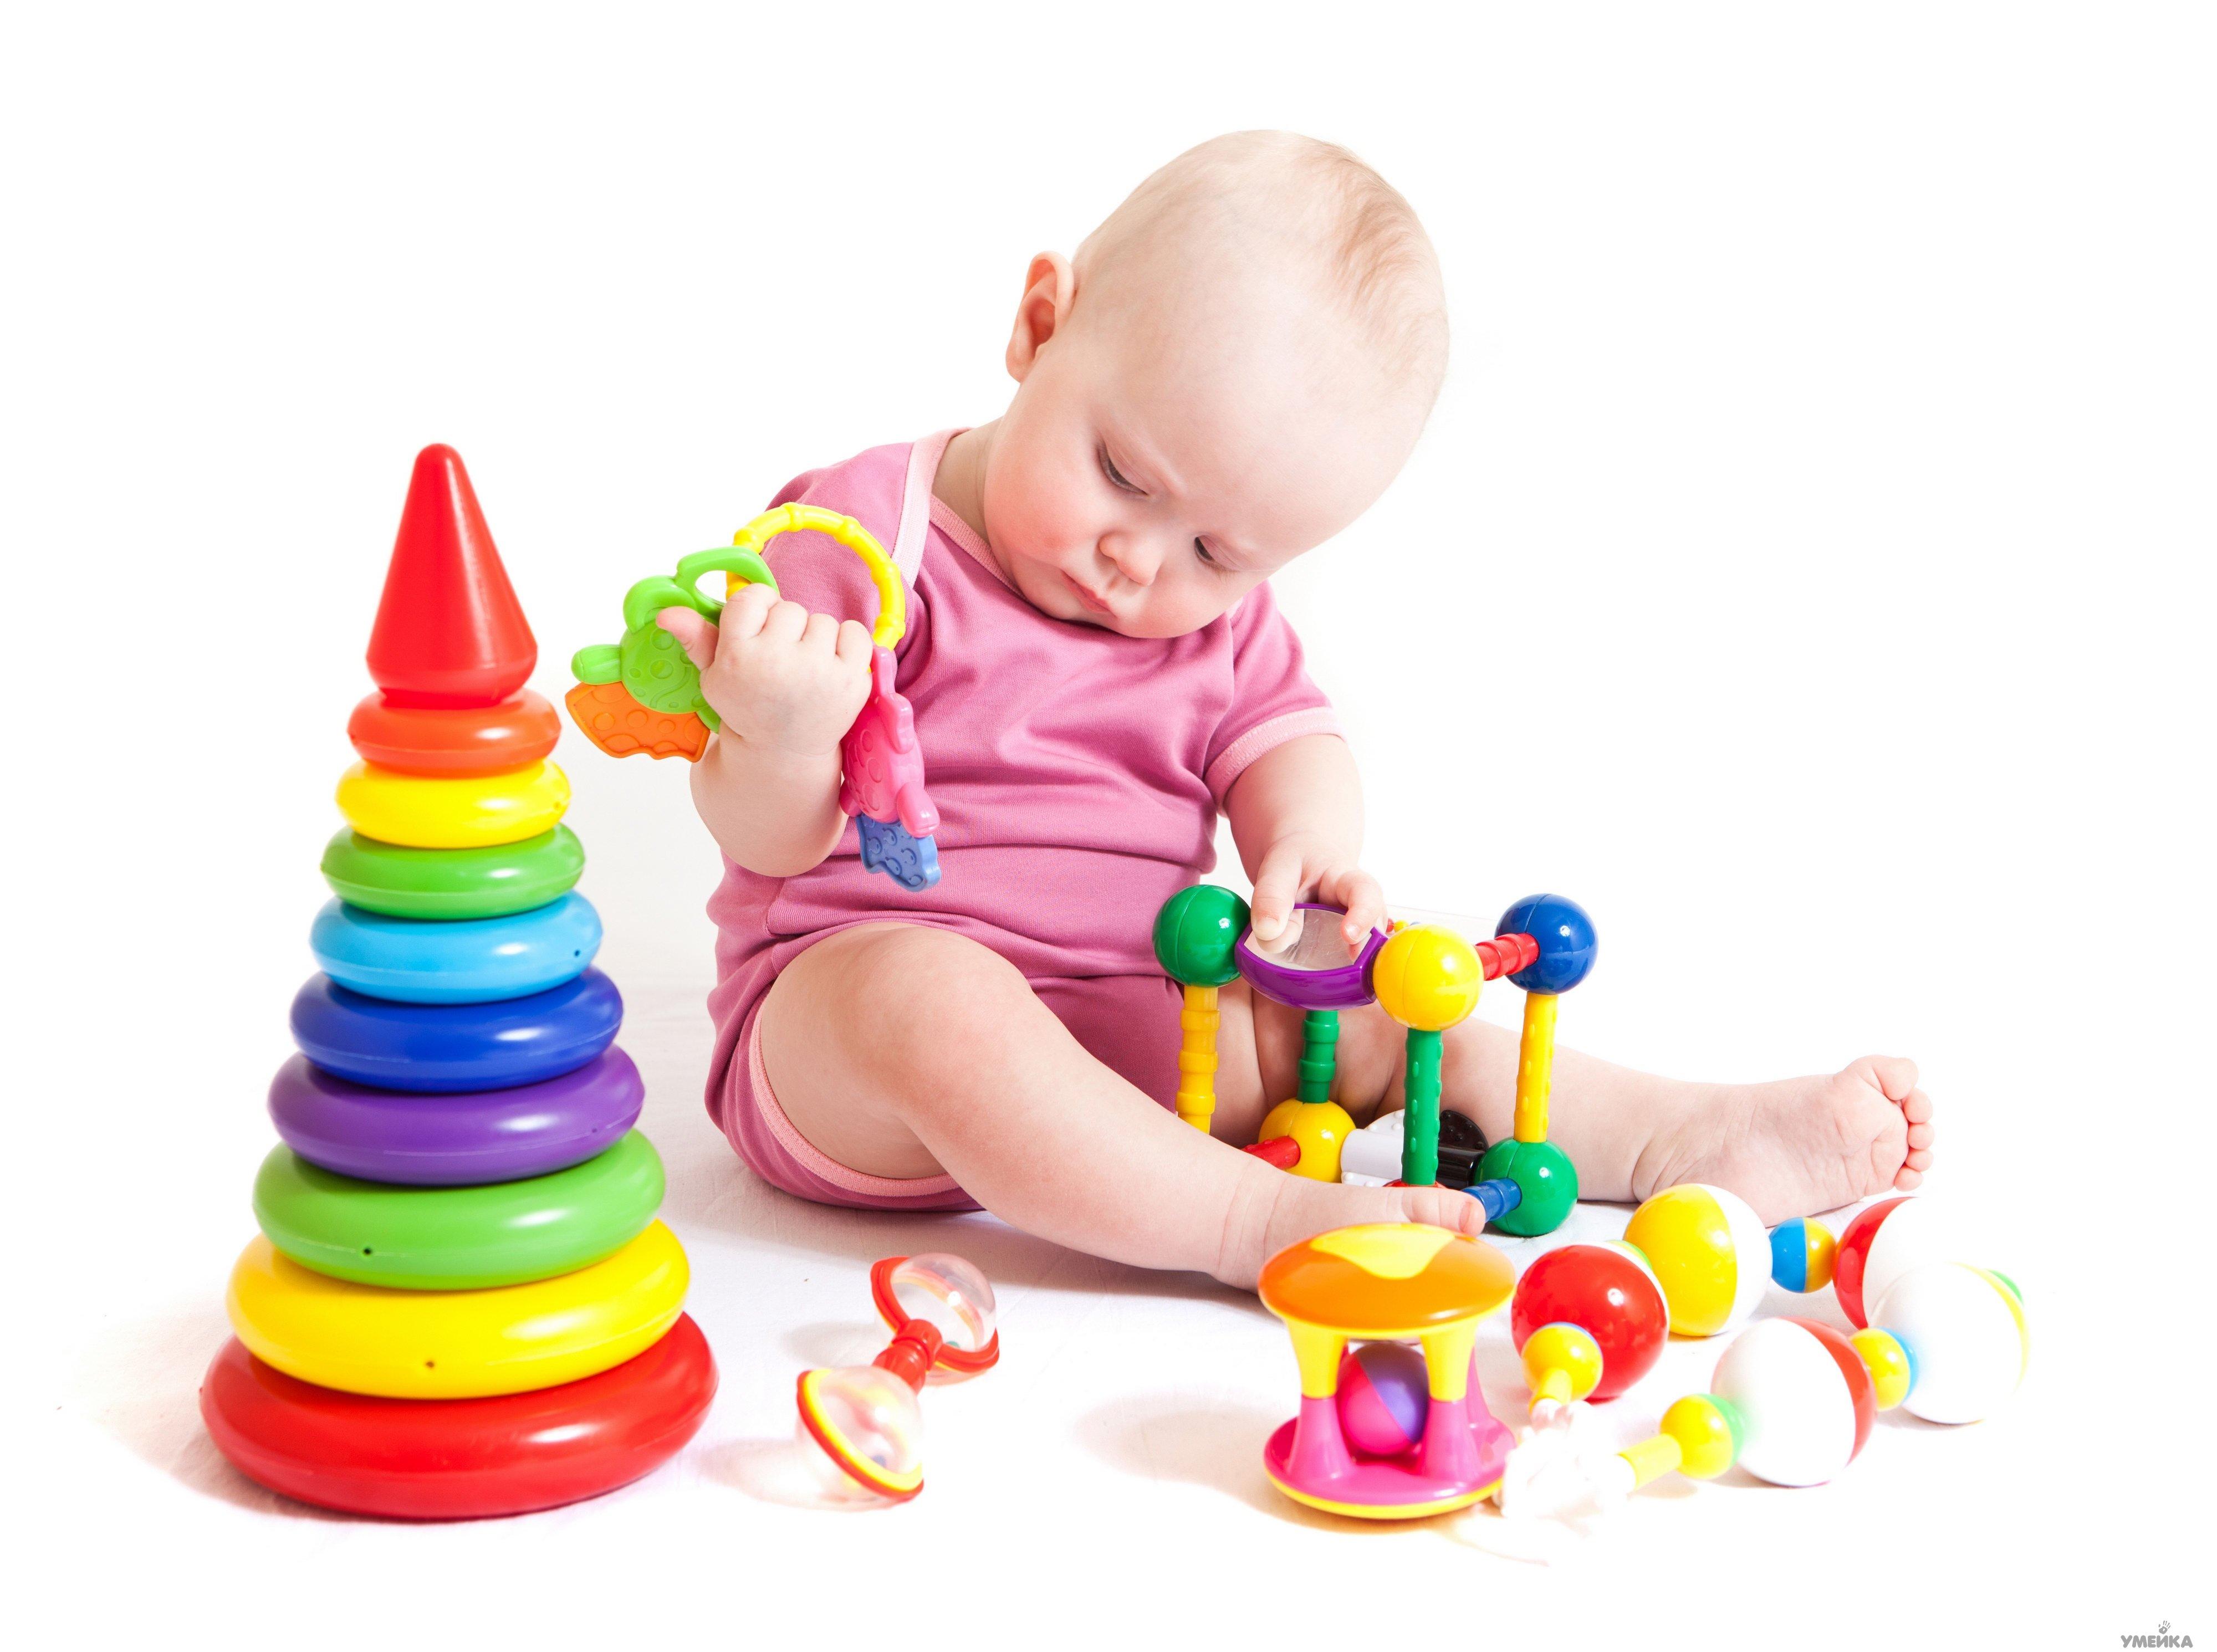 Смотреть картинки с игрушками 3 фотография